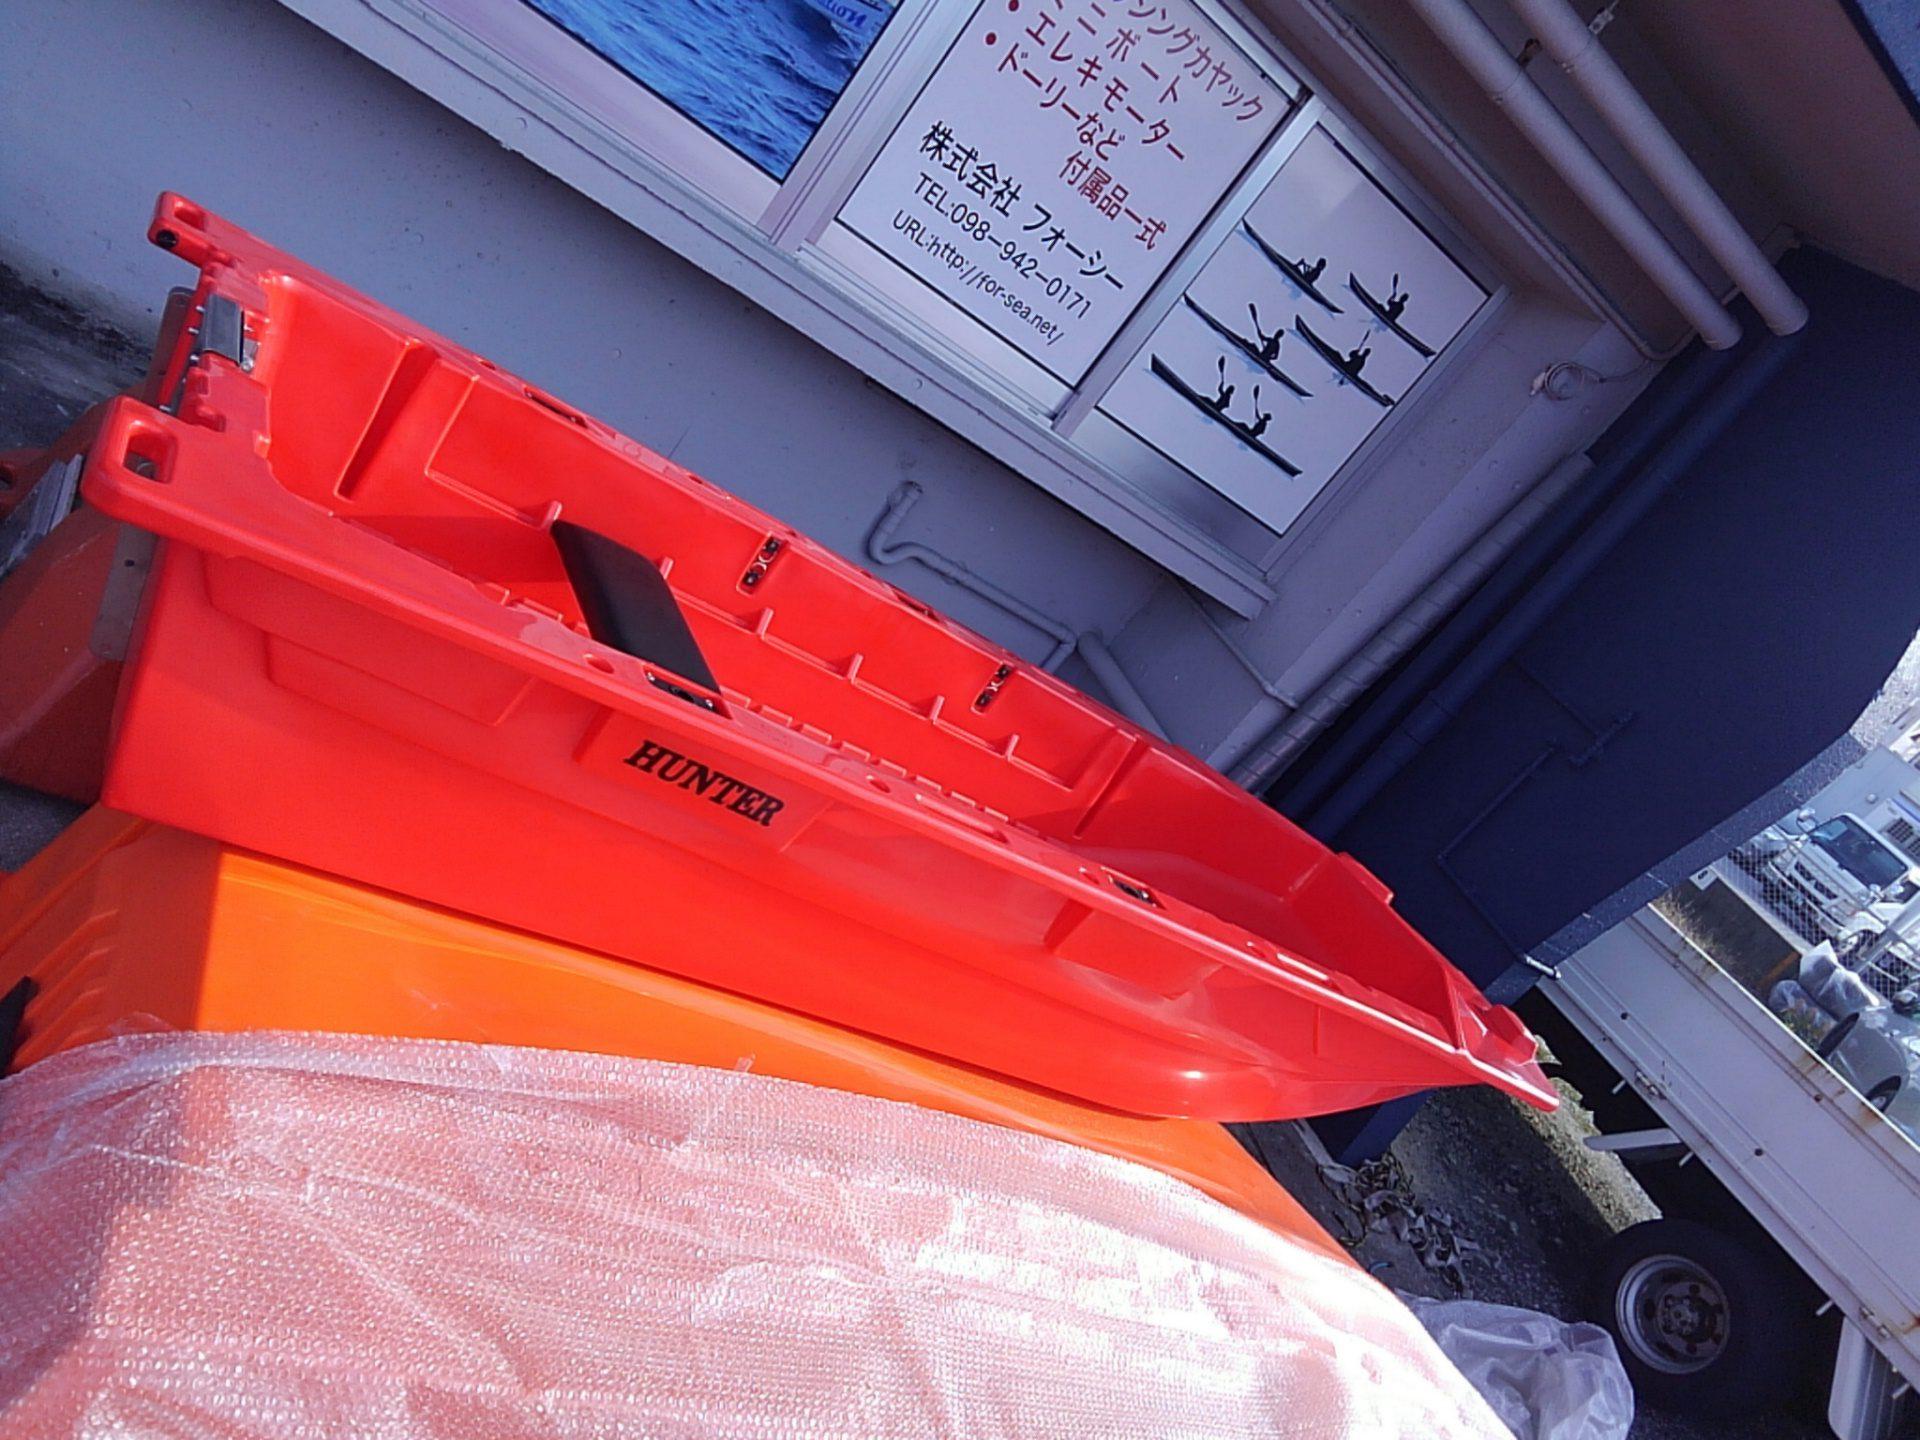 新型のハンターボート300